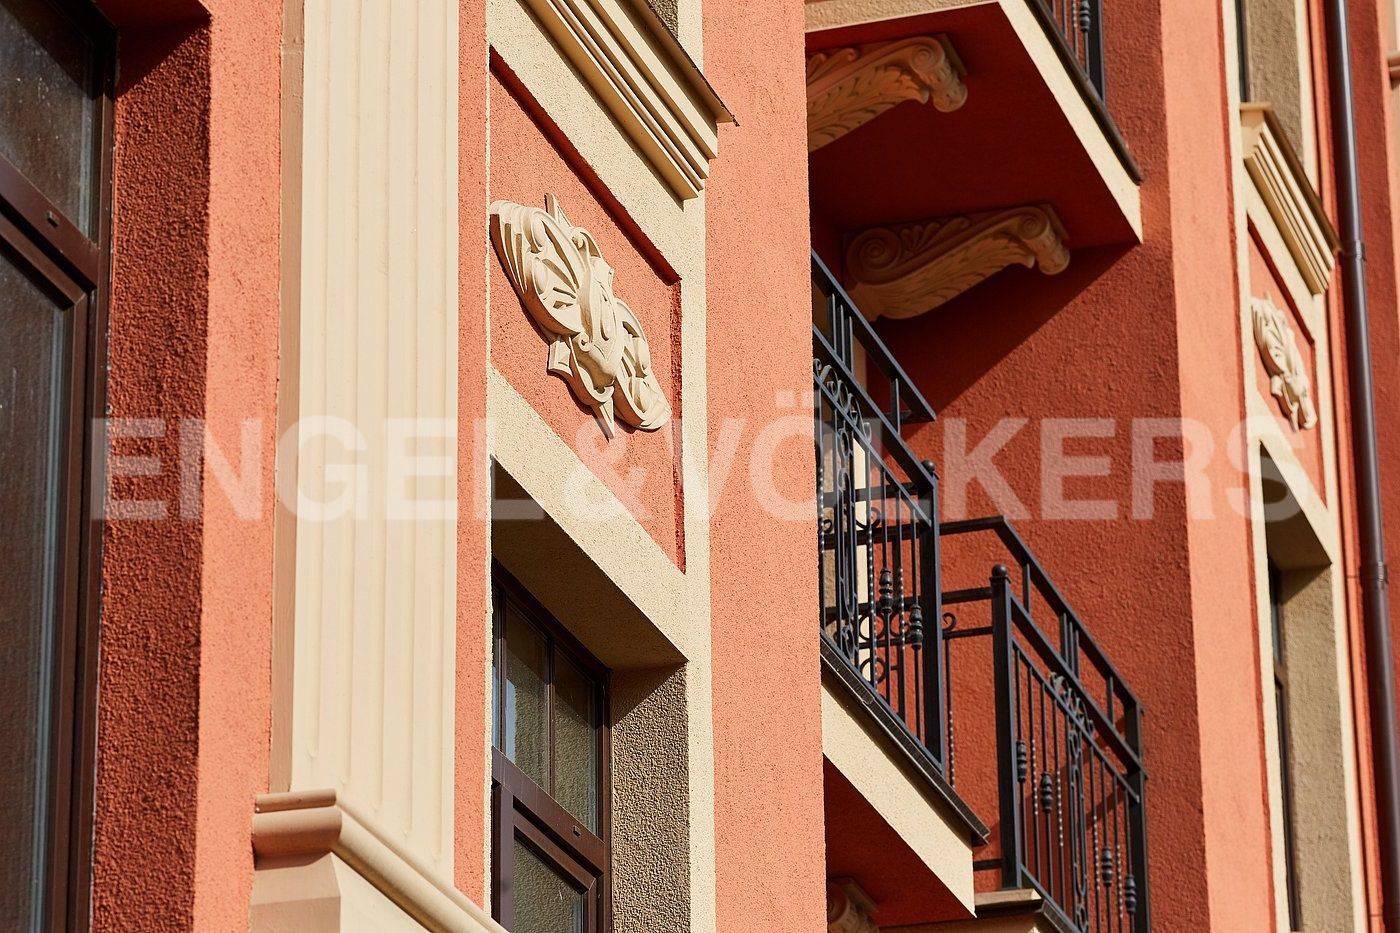 Элитные квартиры в Приморском районе. Санкт-Петербург, Дибуновская улица, 30. Архитектура